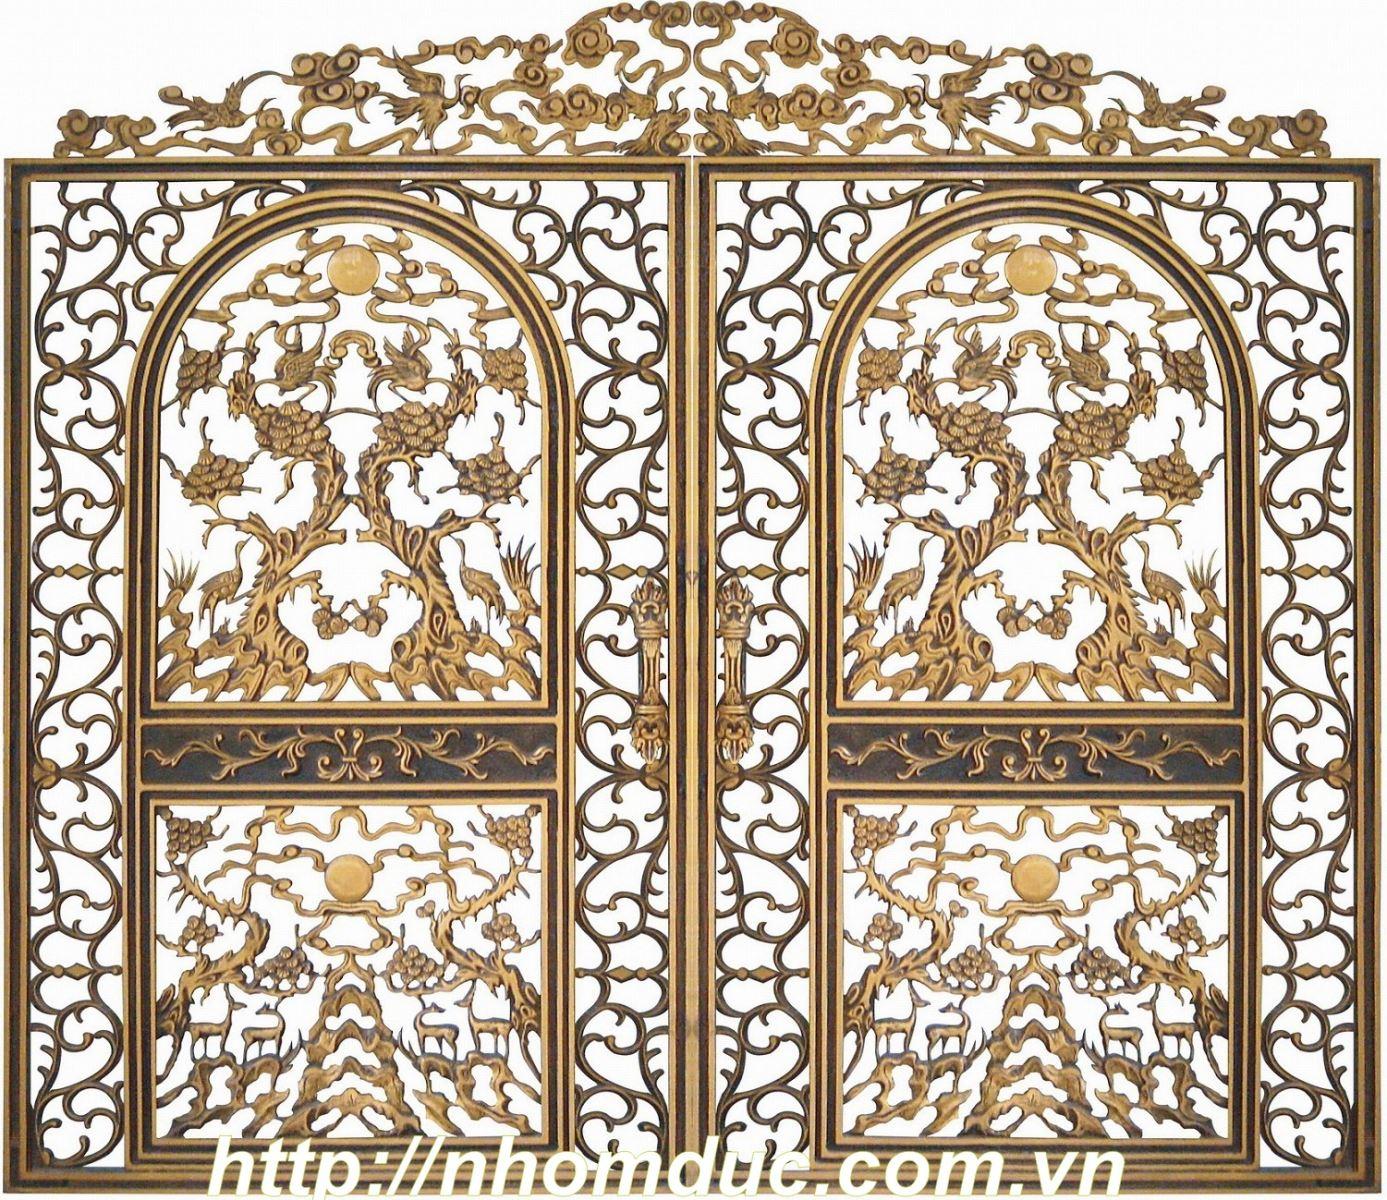 Cong nhom duc là sản phẩm cửa cổng được đúc bằng hợp kim nhôm